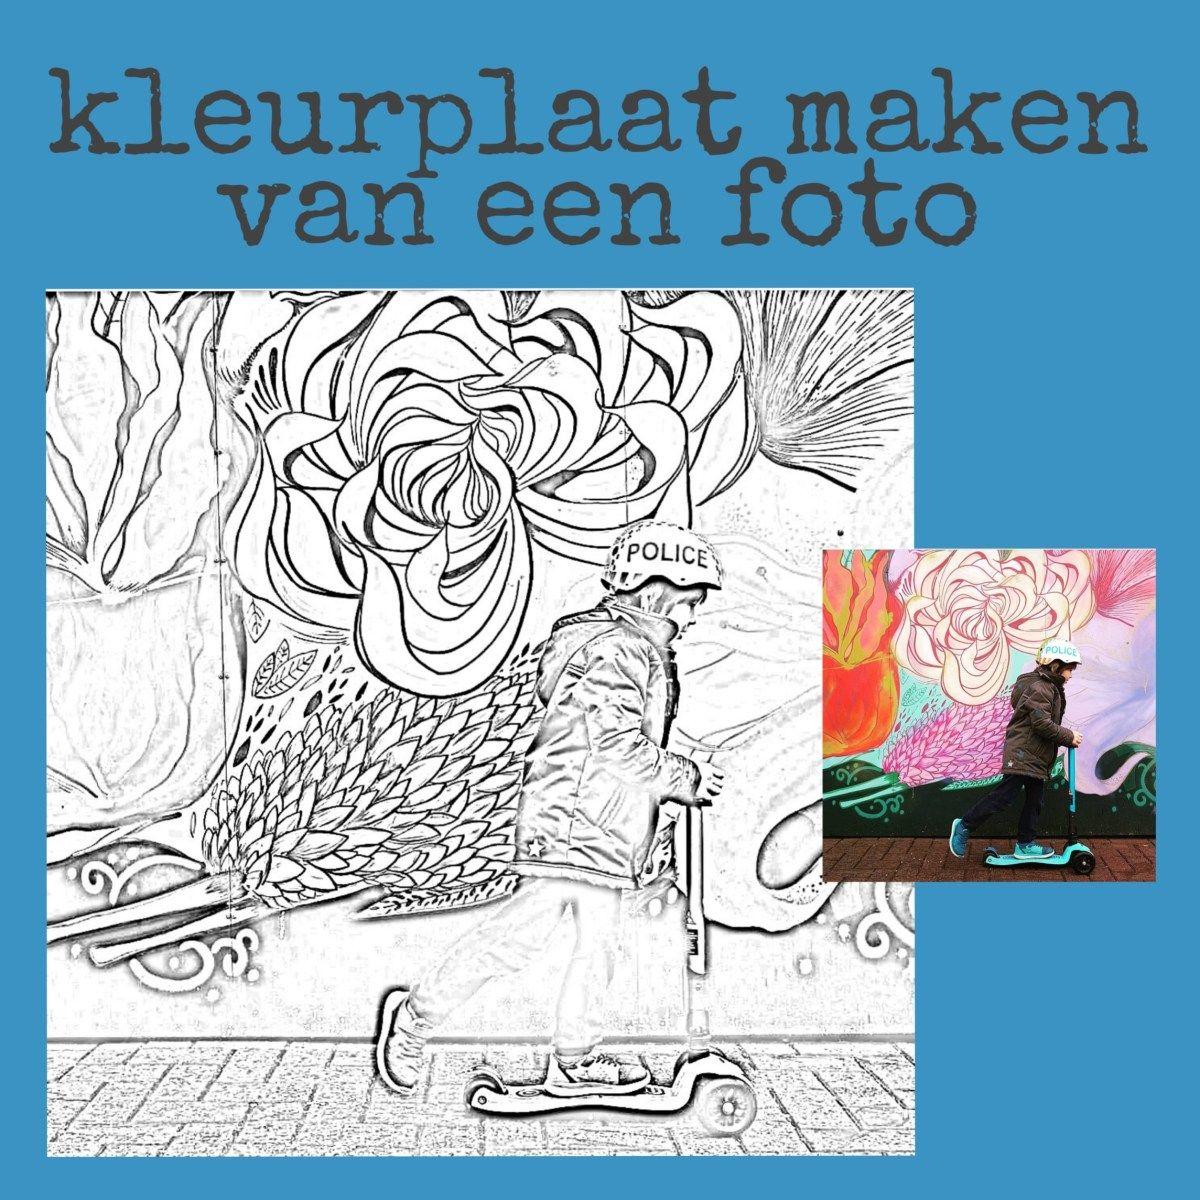 Een Kleurplaat Maken Van Een Foto Leuk Met Kids In 2020 Kleurplaten Mandala Kleurplaten Kleurplaten Voor Kinderen